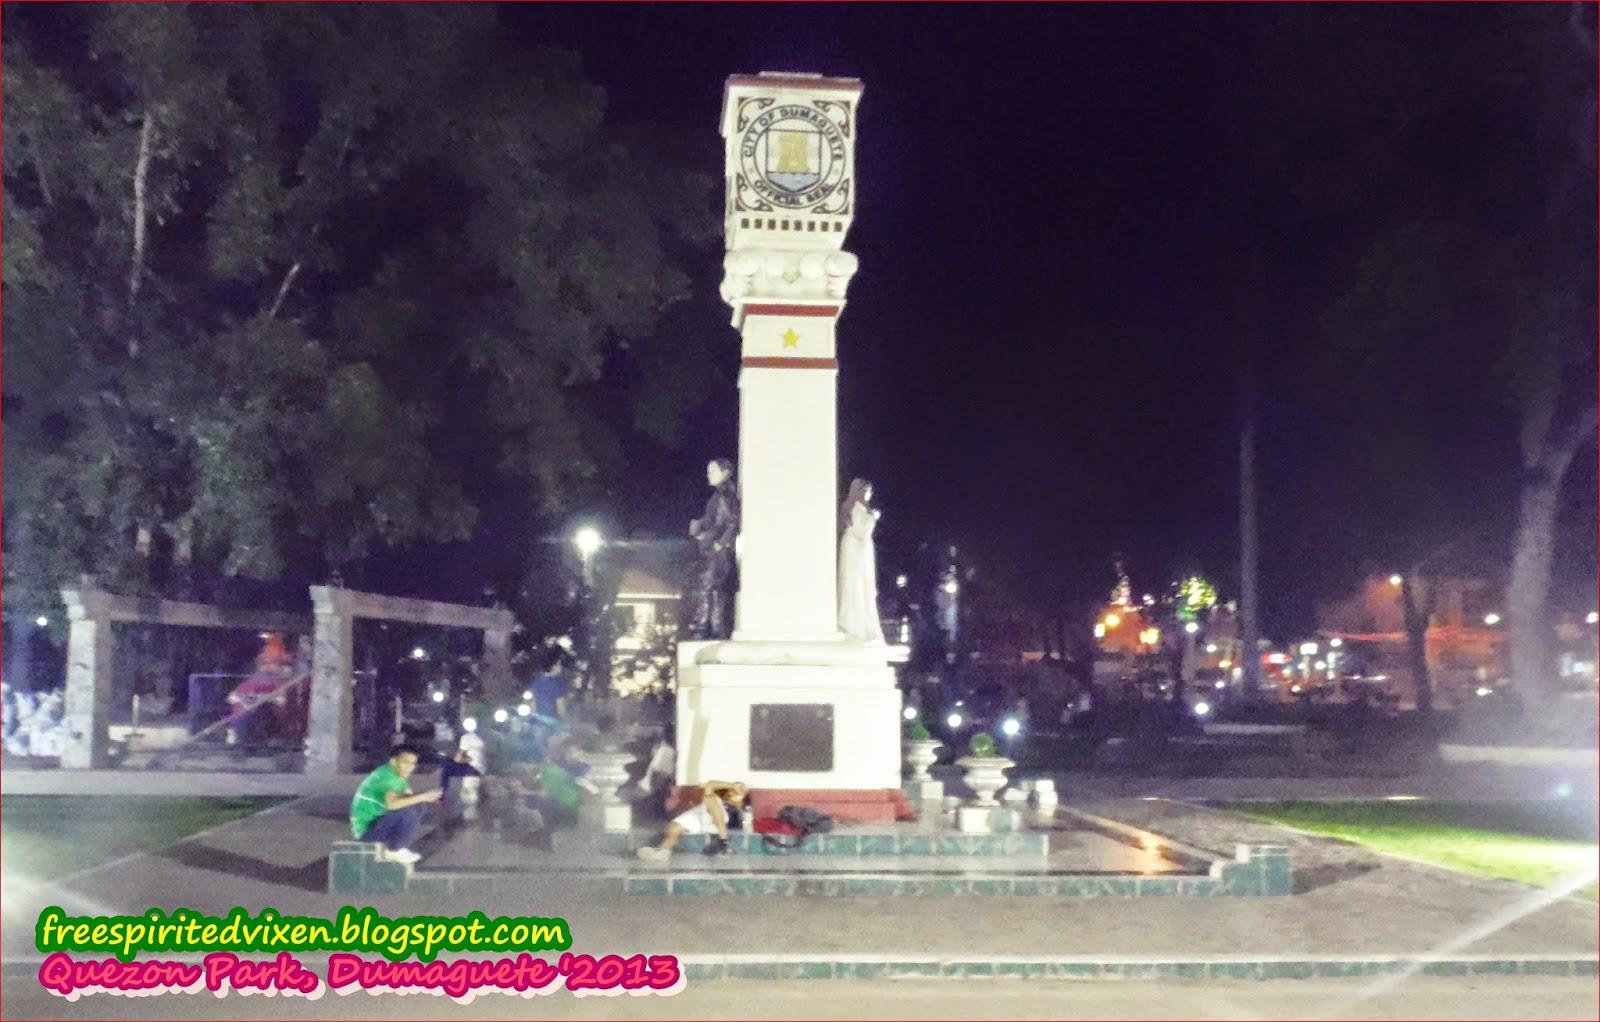 Quezon Park, Dumaguete